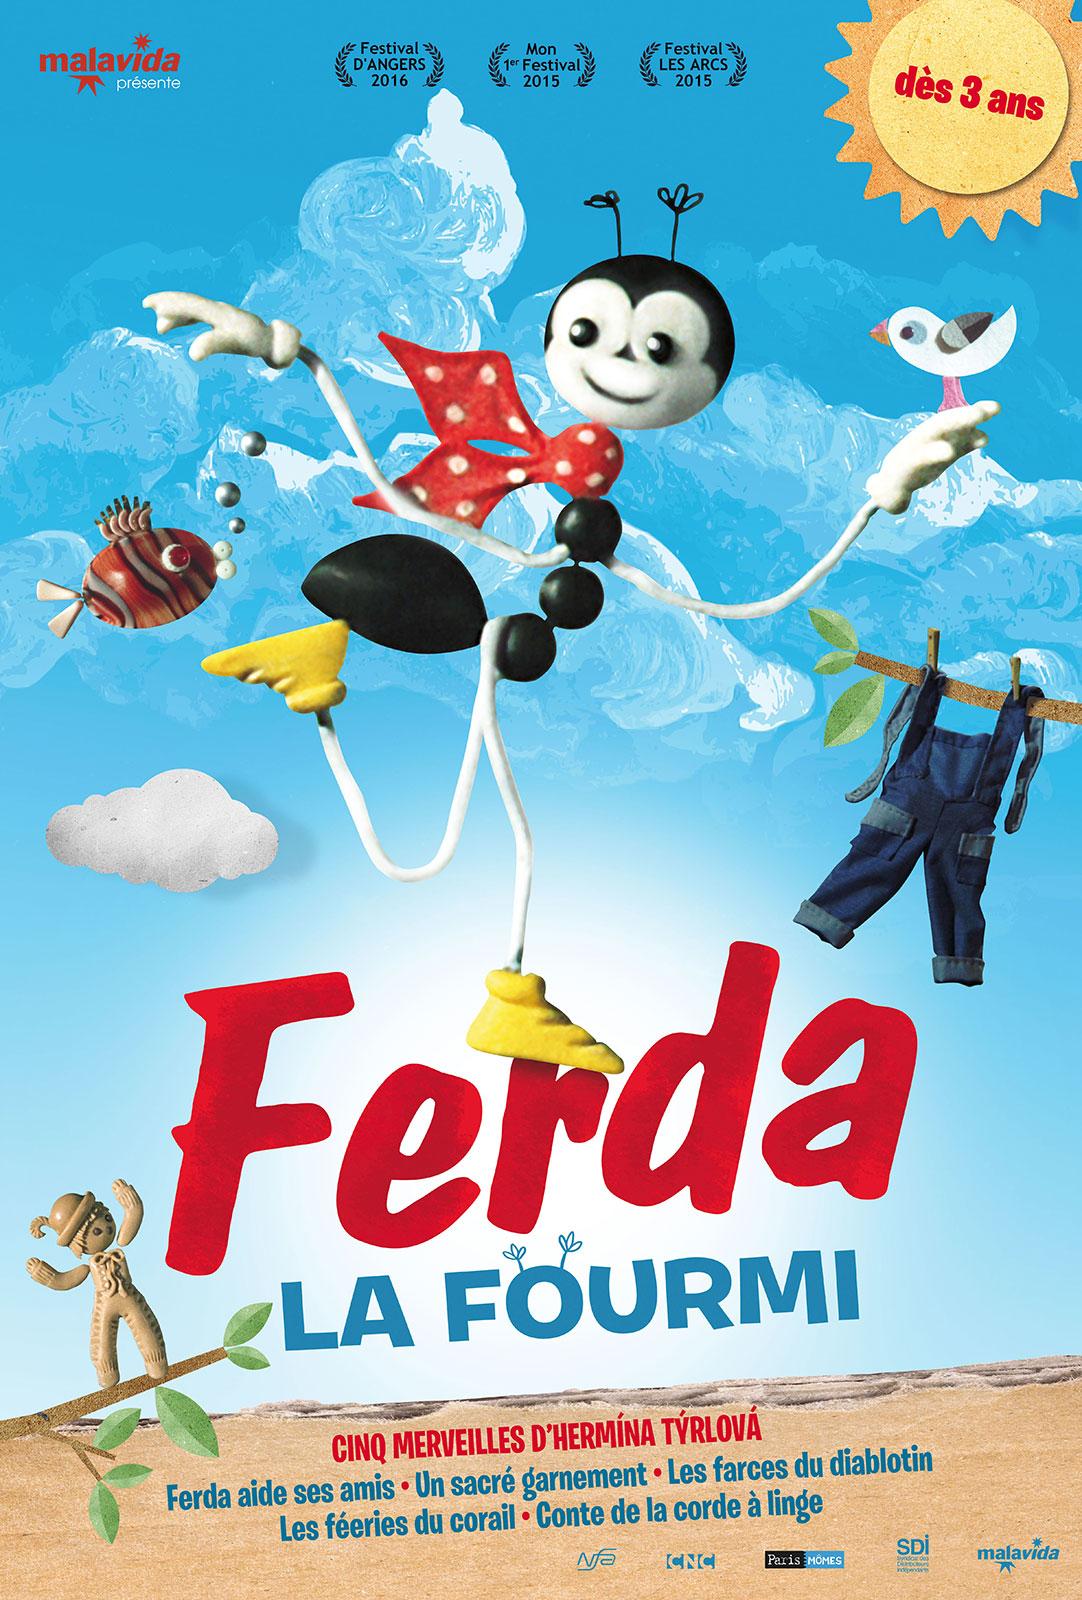 La Allociné Fourmi 2015 Ferda Film FT3JKl1c